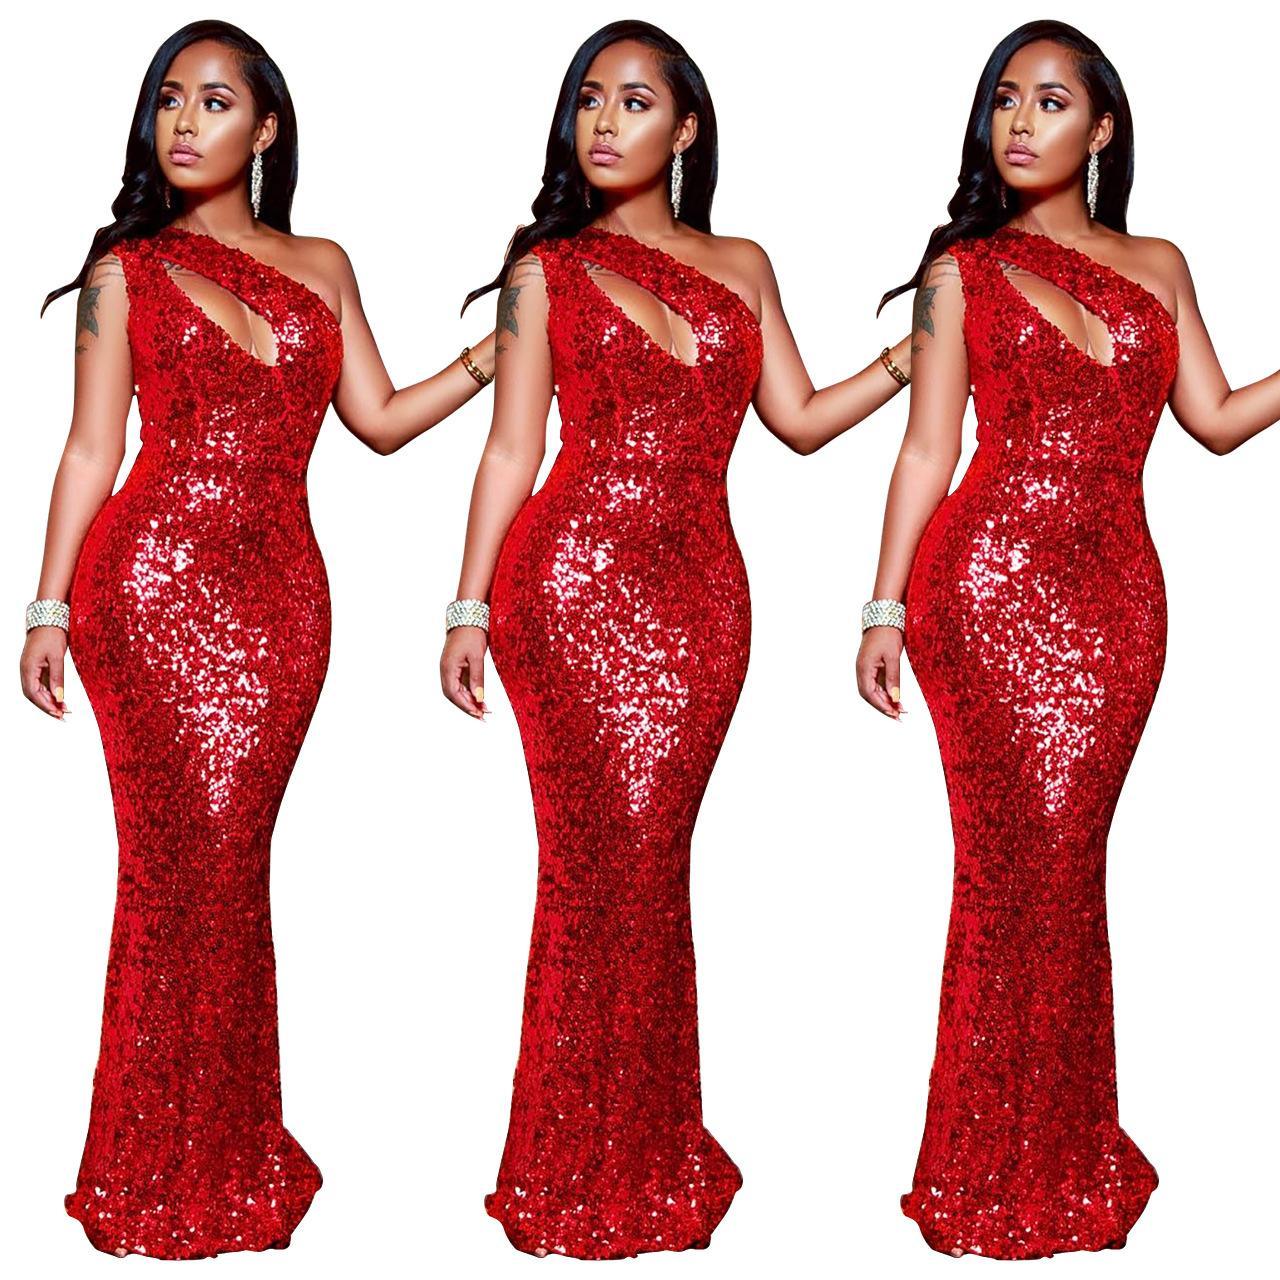 High-end Kırmızı Pullu Akşam Parti Maxi Uzun Elbise kadın Seksi Kolsuz Eğik Omuz Ince Bodycon Elbise Vestido Oymak